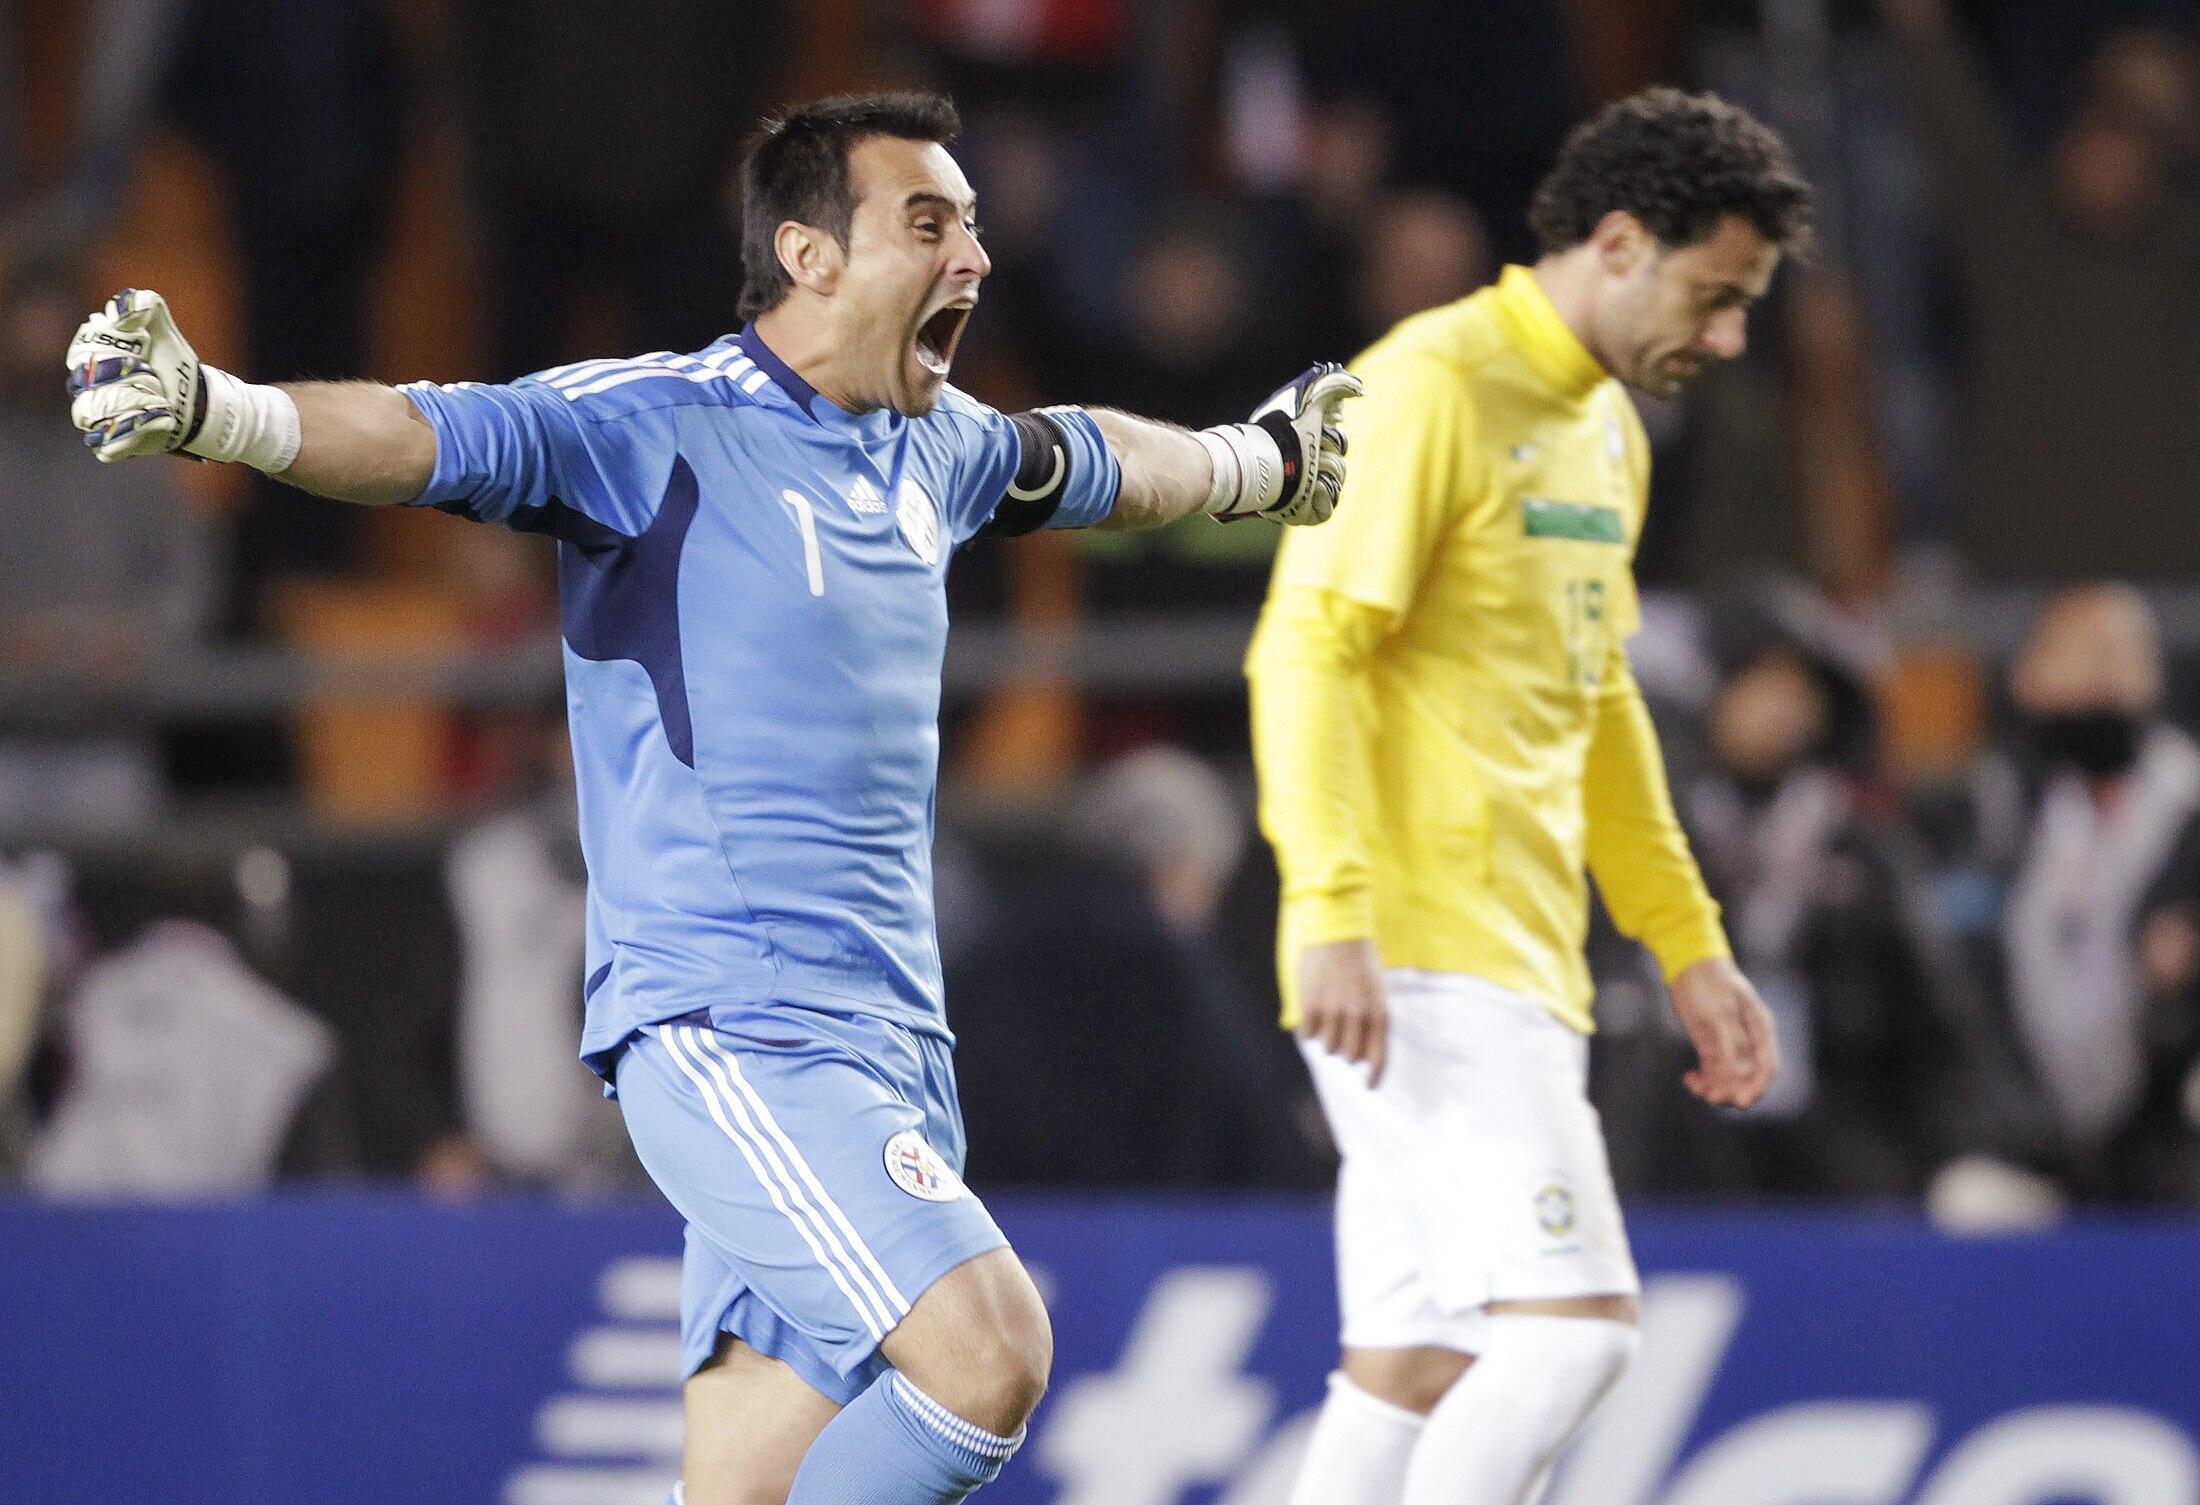 O goleiro paraguaio, Justo Villar, comemora a vitória contra o Brasil neste domingo (17/07/2011) na Copa América, em La Plata.